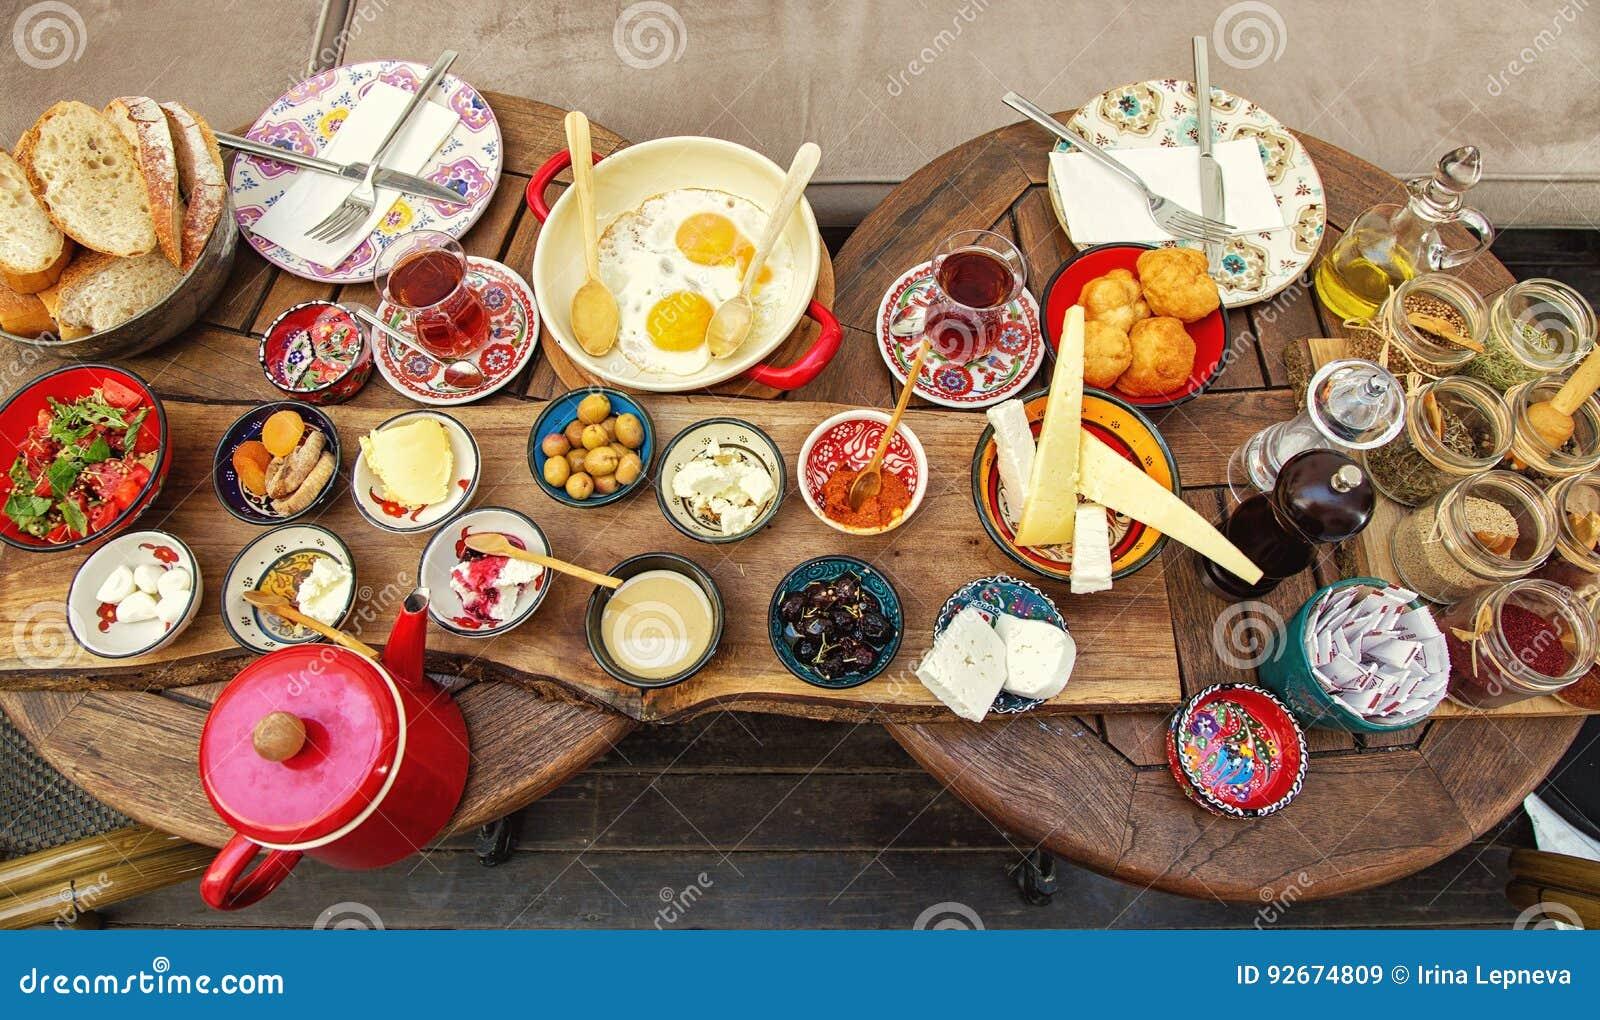 Desayuno turco rico y delicioso en una mesa redonda